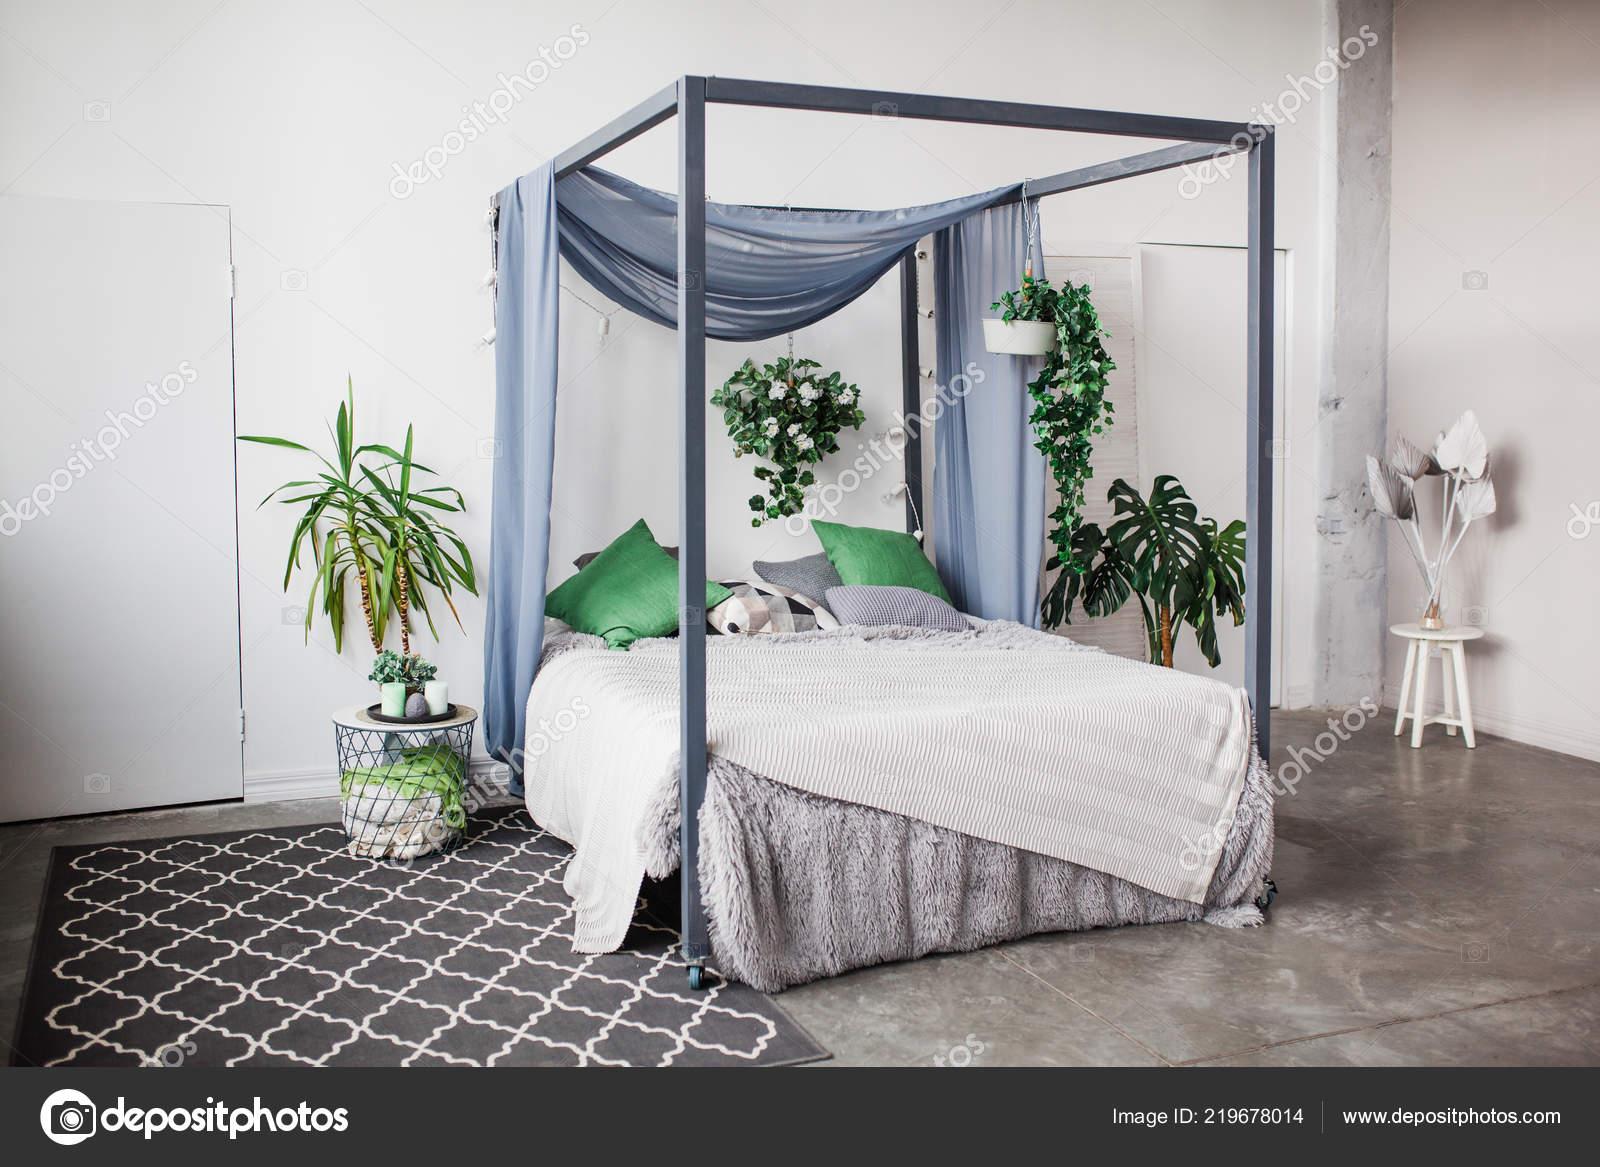 Exceptionnel Chambre Coucher Blanche Avec Des Éléments Décoration Simple Dans